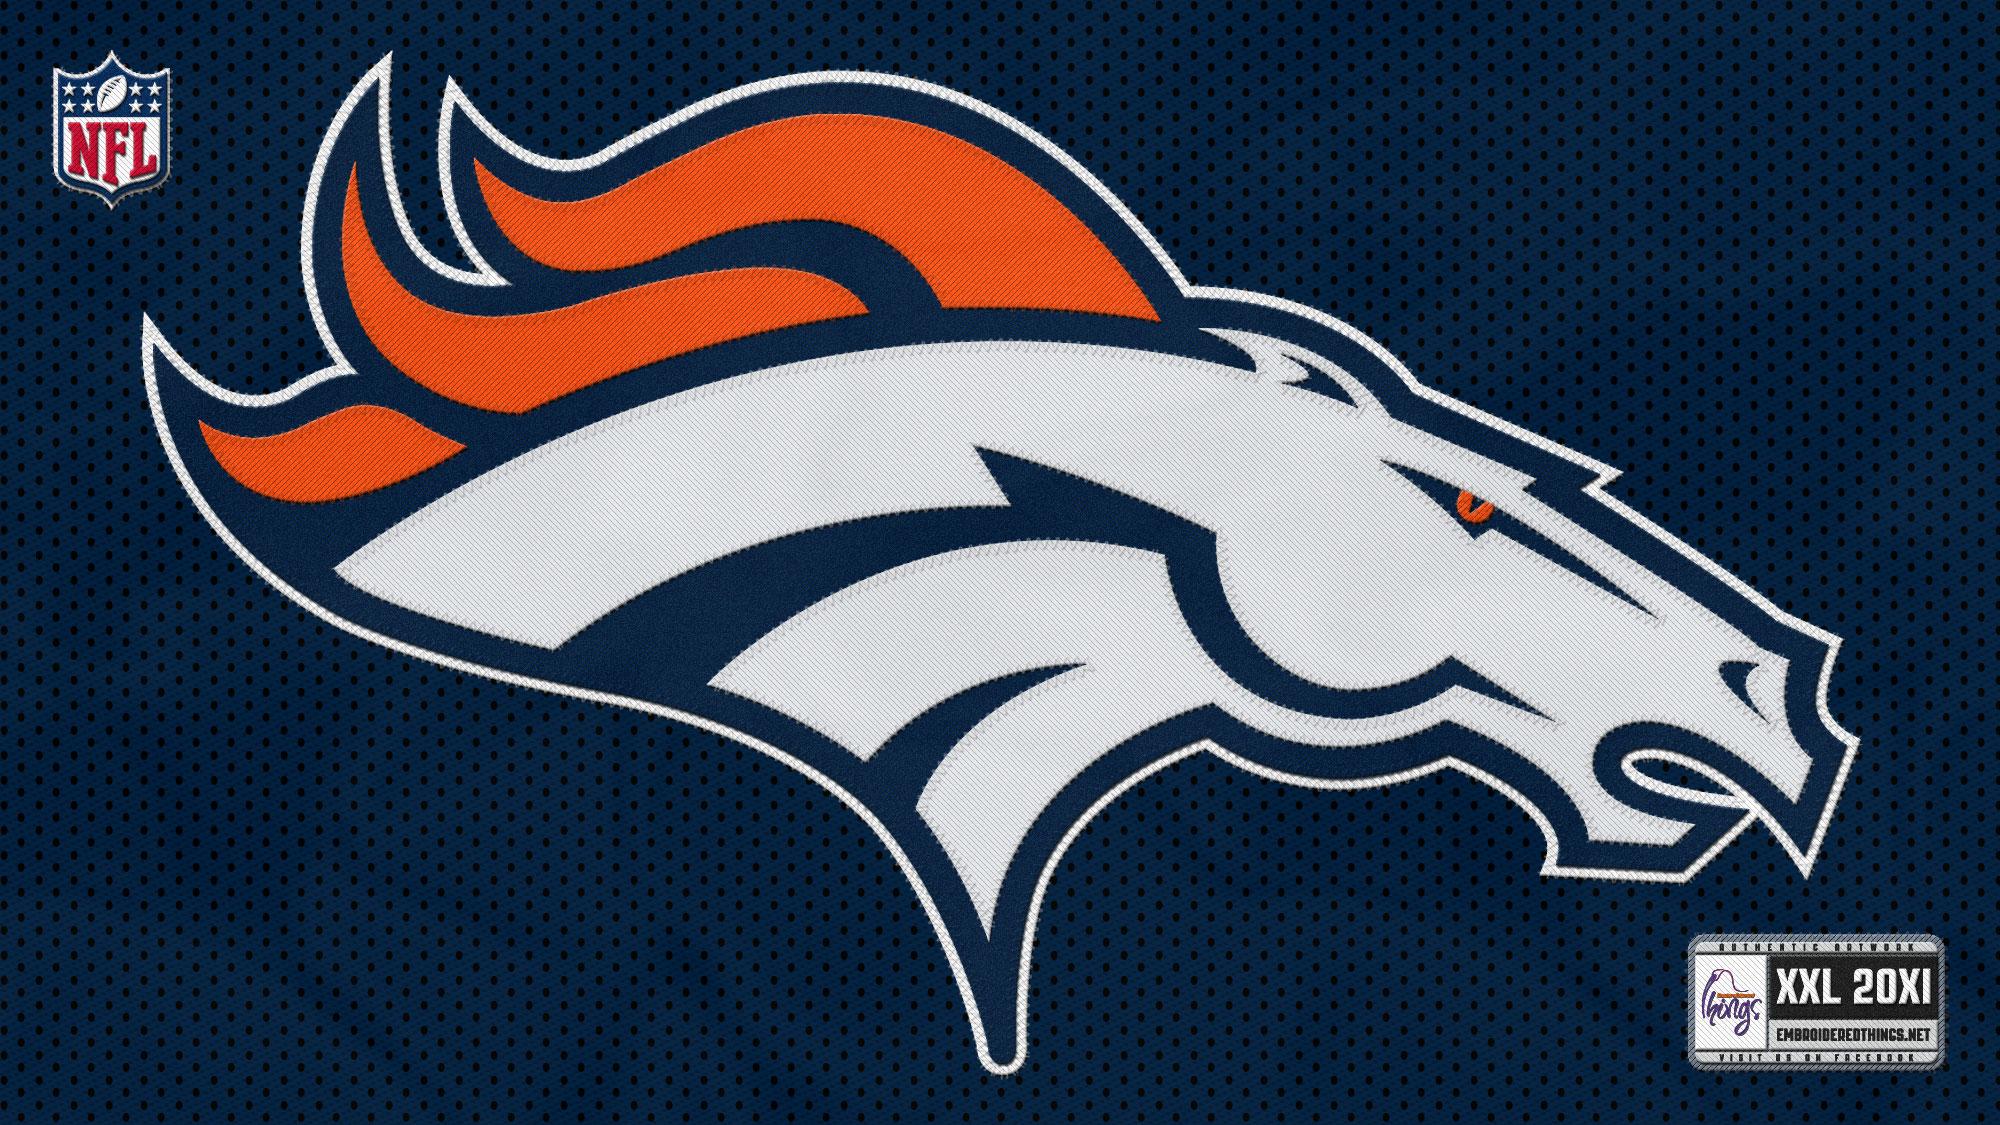 Denver Broncos Wallpapers for Computer - WallpaperSafari